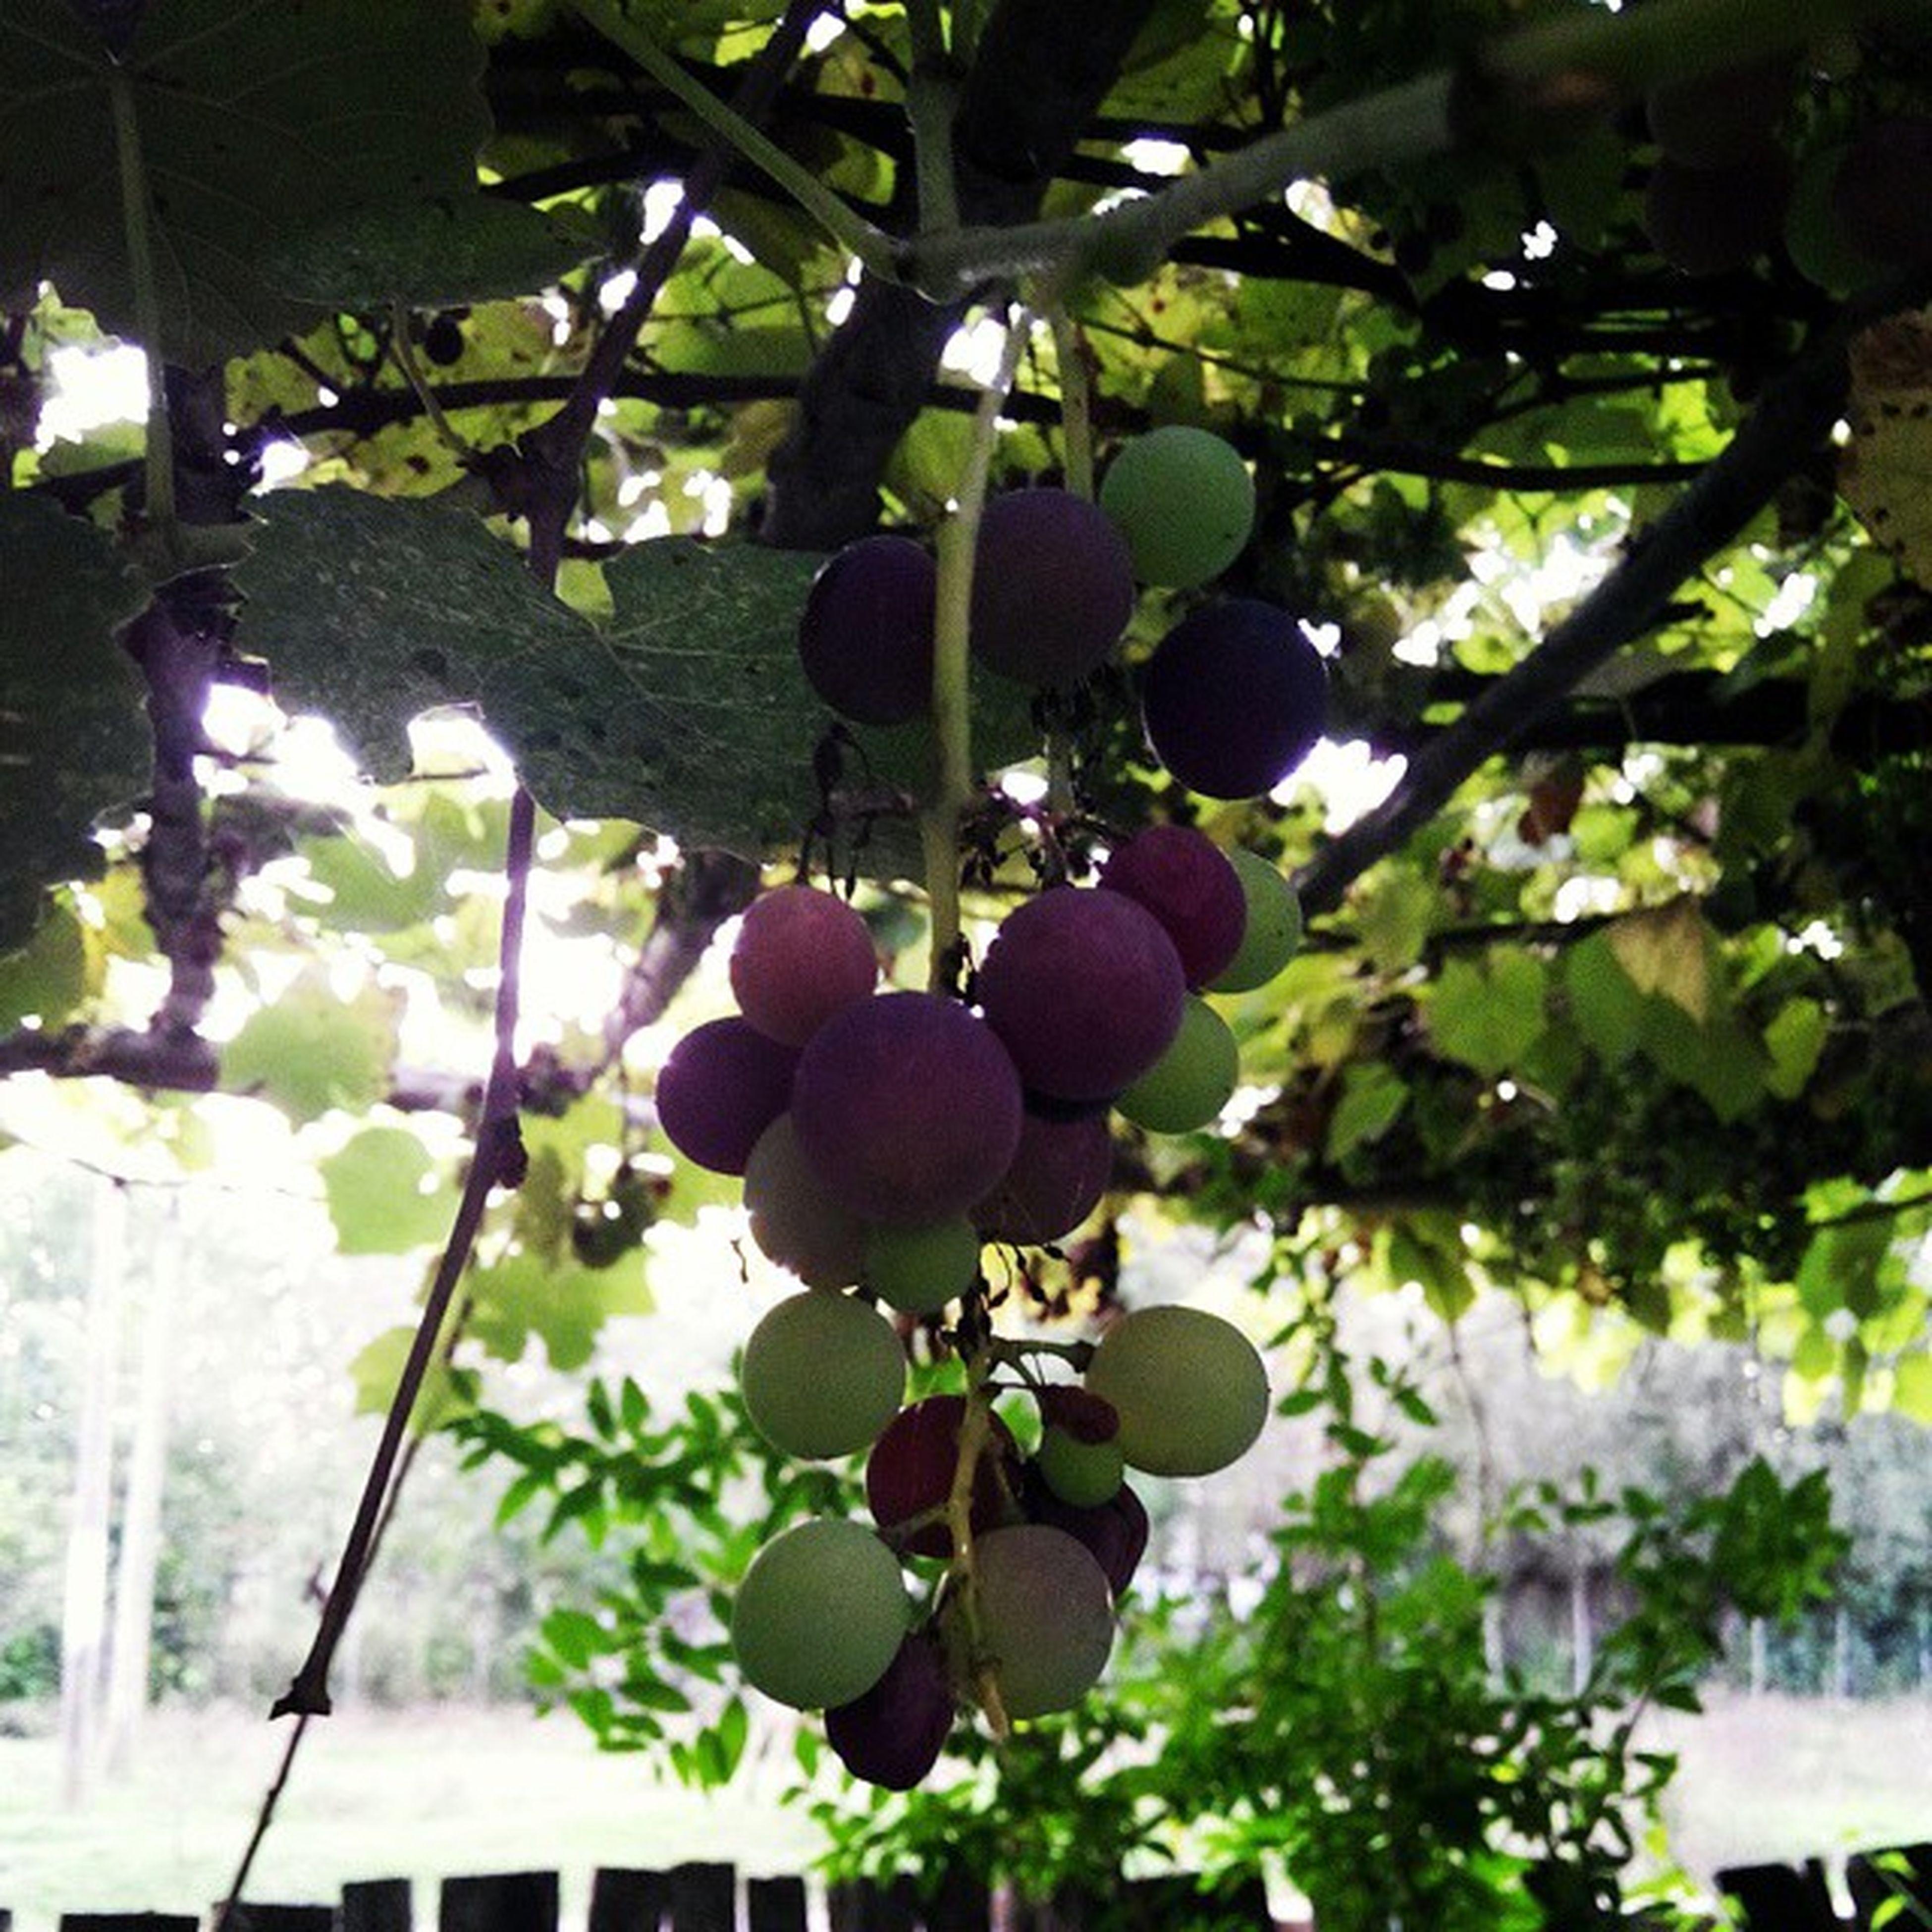 Olmuş üzümleri Yiyorum :)